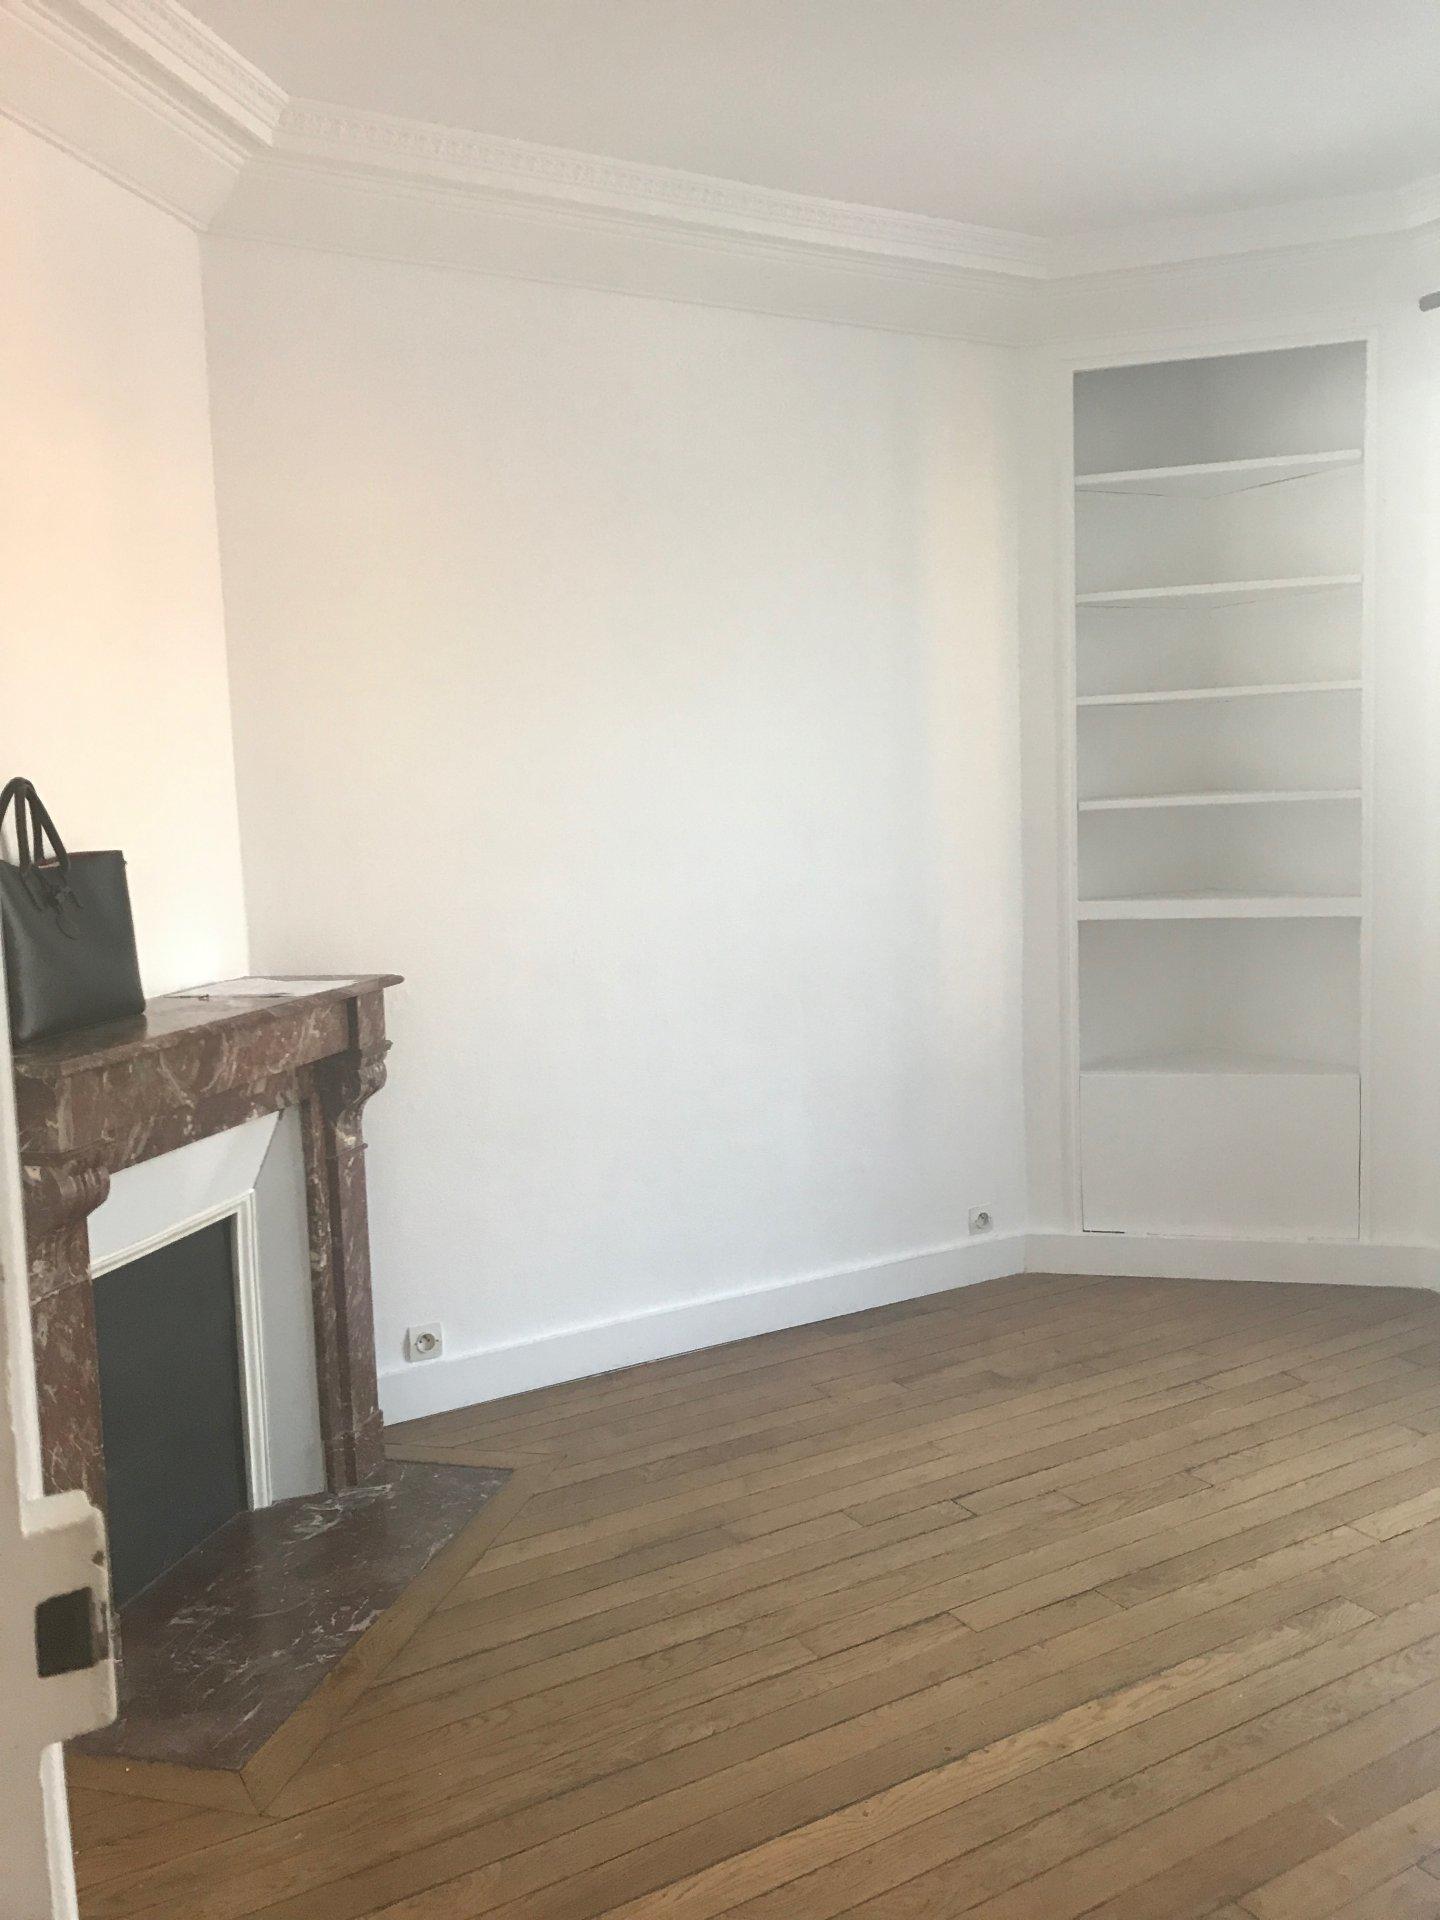 Sale Apartment - Asnières-sur-Seine Bac - Bécon - Flachat